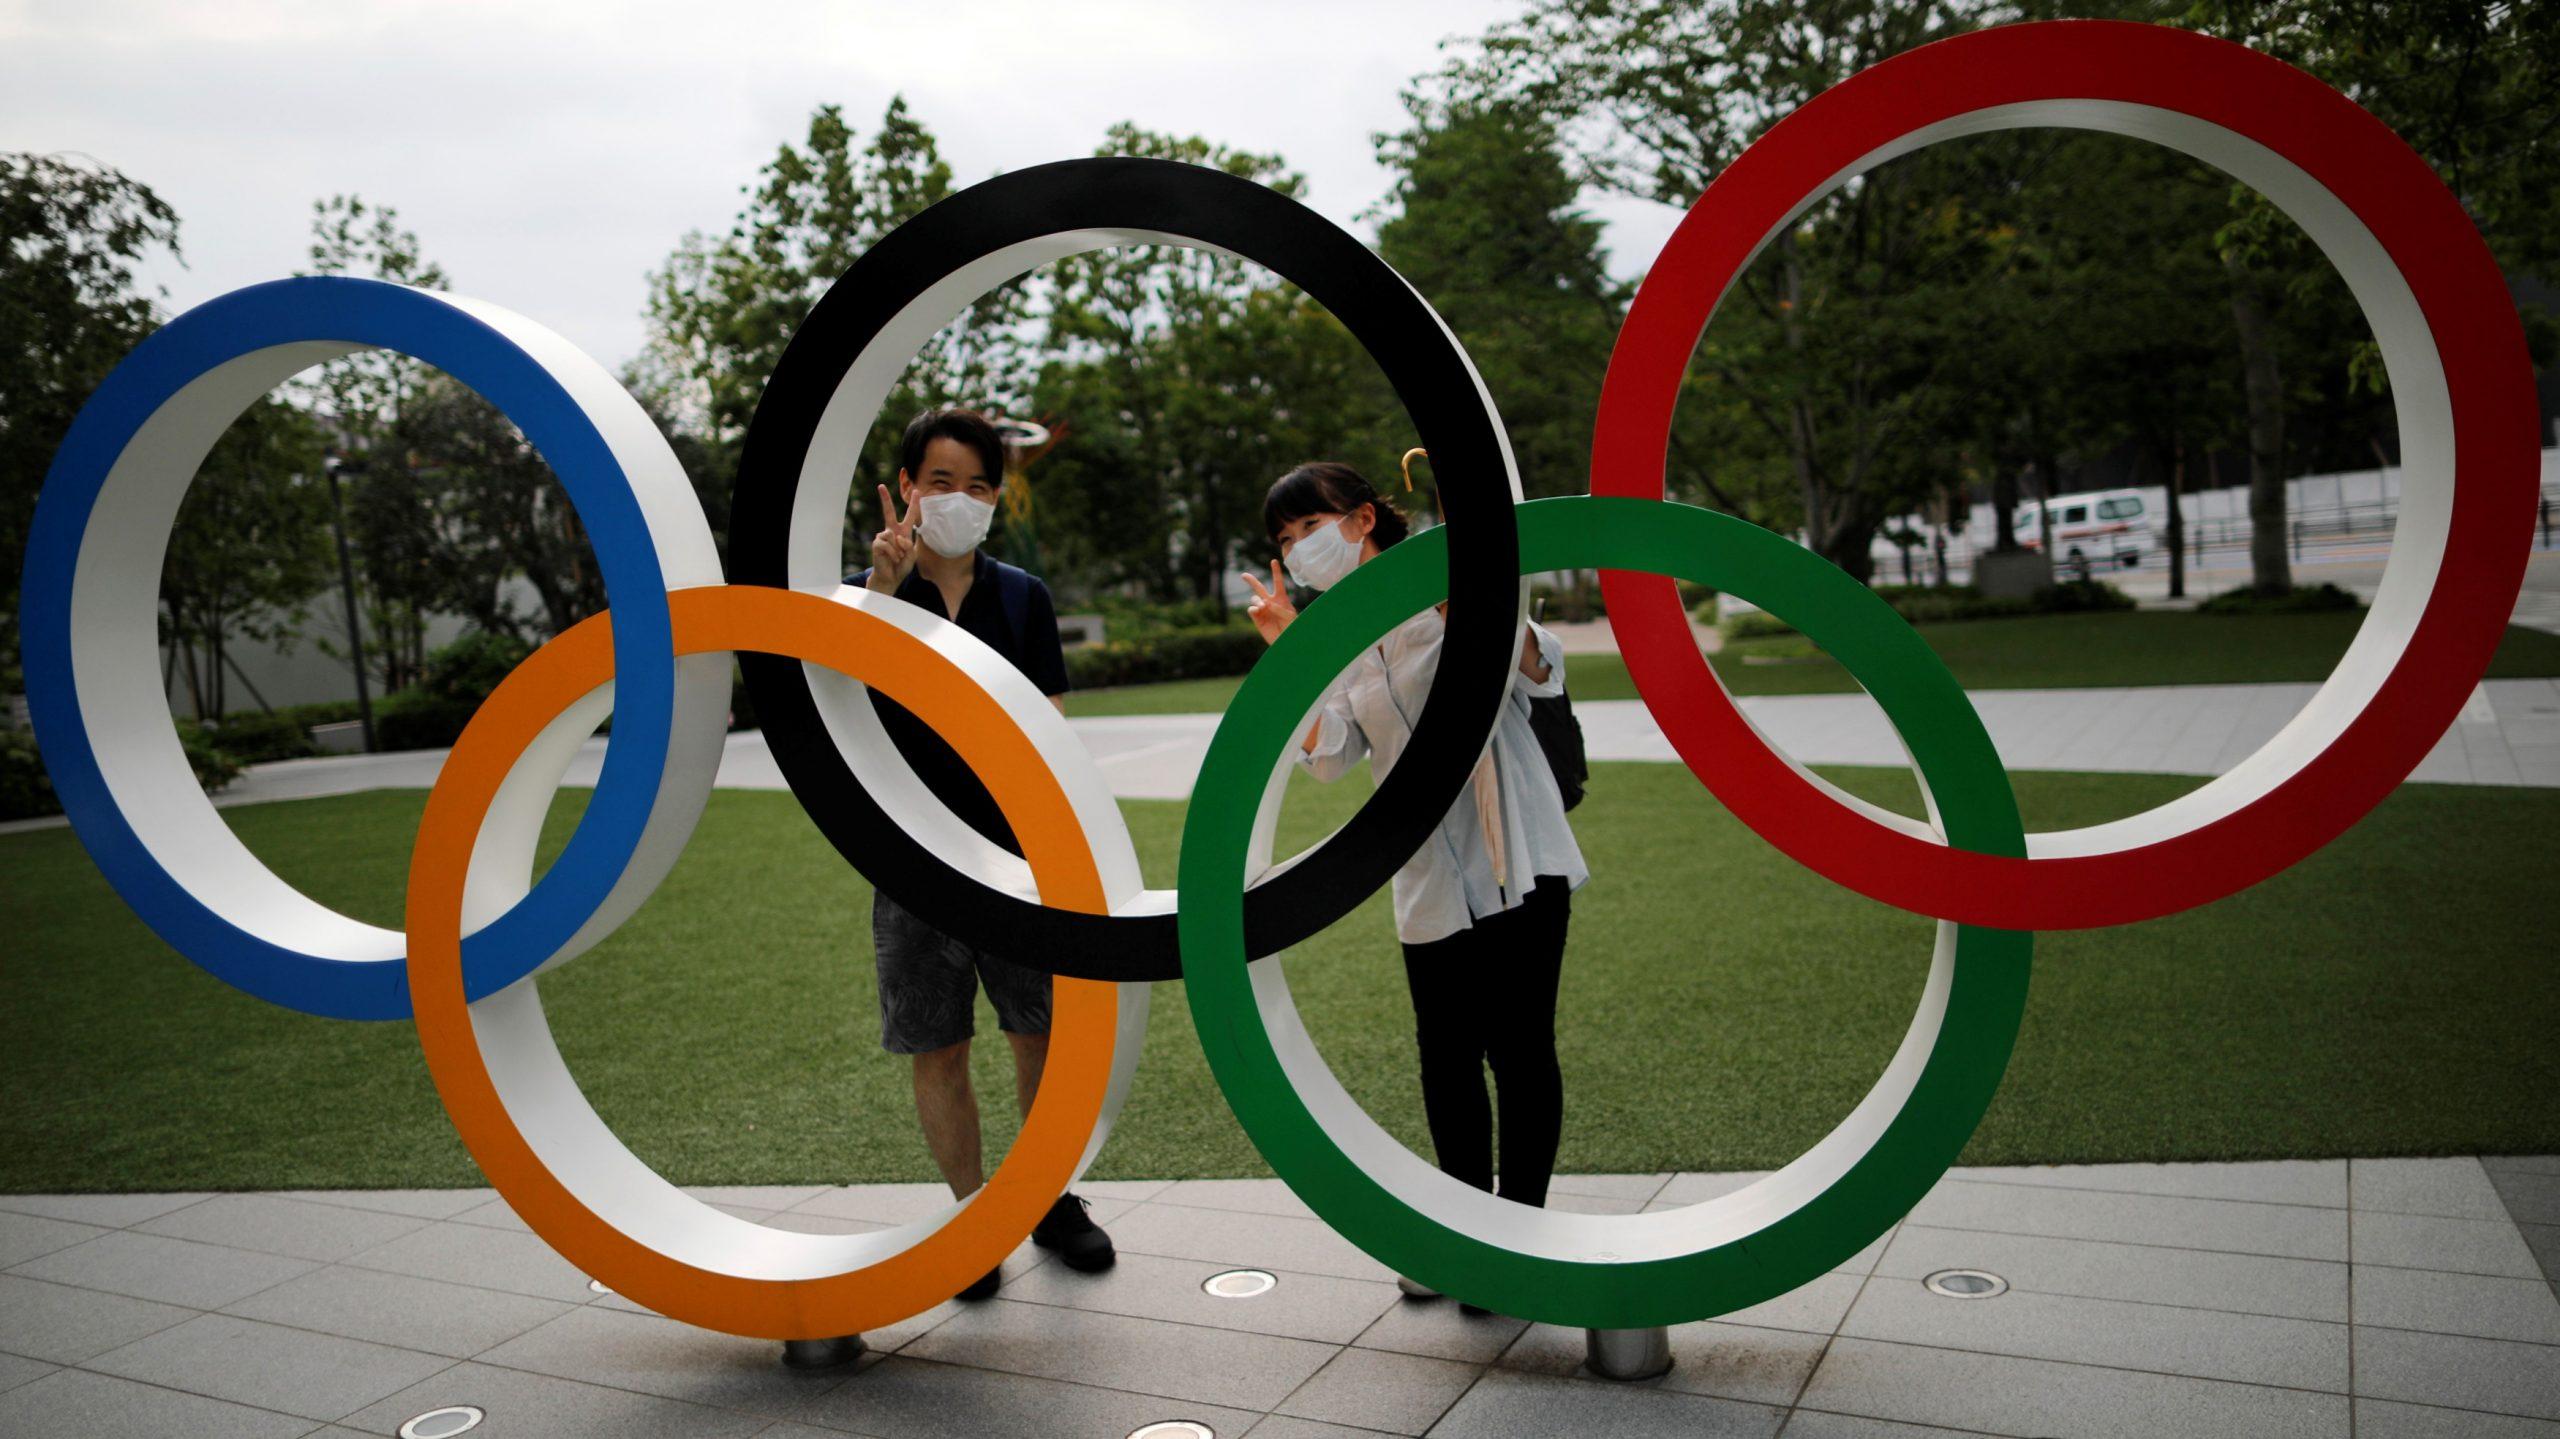 Malgré l'état d'urgence sanitaire au Japon, malgré les protestations et l'impopularité des Jeux Olympiques de Tokyo prévus du 23 juillet au 8 août 2021, le gouvernement de Yoshihide Suga est confiant sur le maintien de l'événement. (Source : Asia Nikkei)